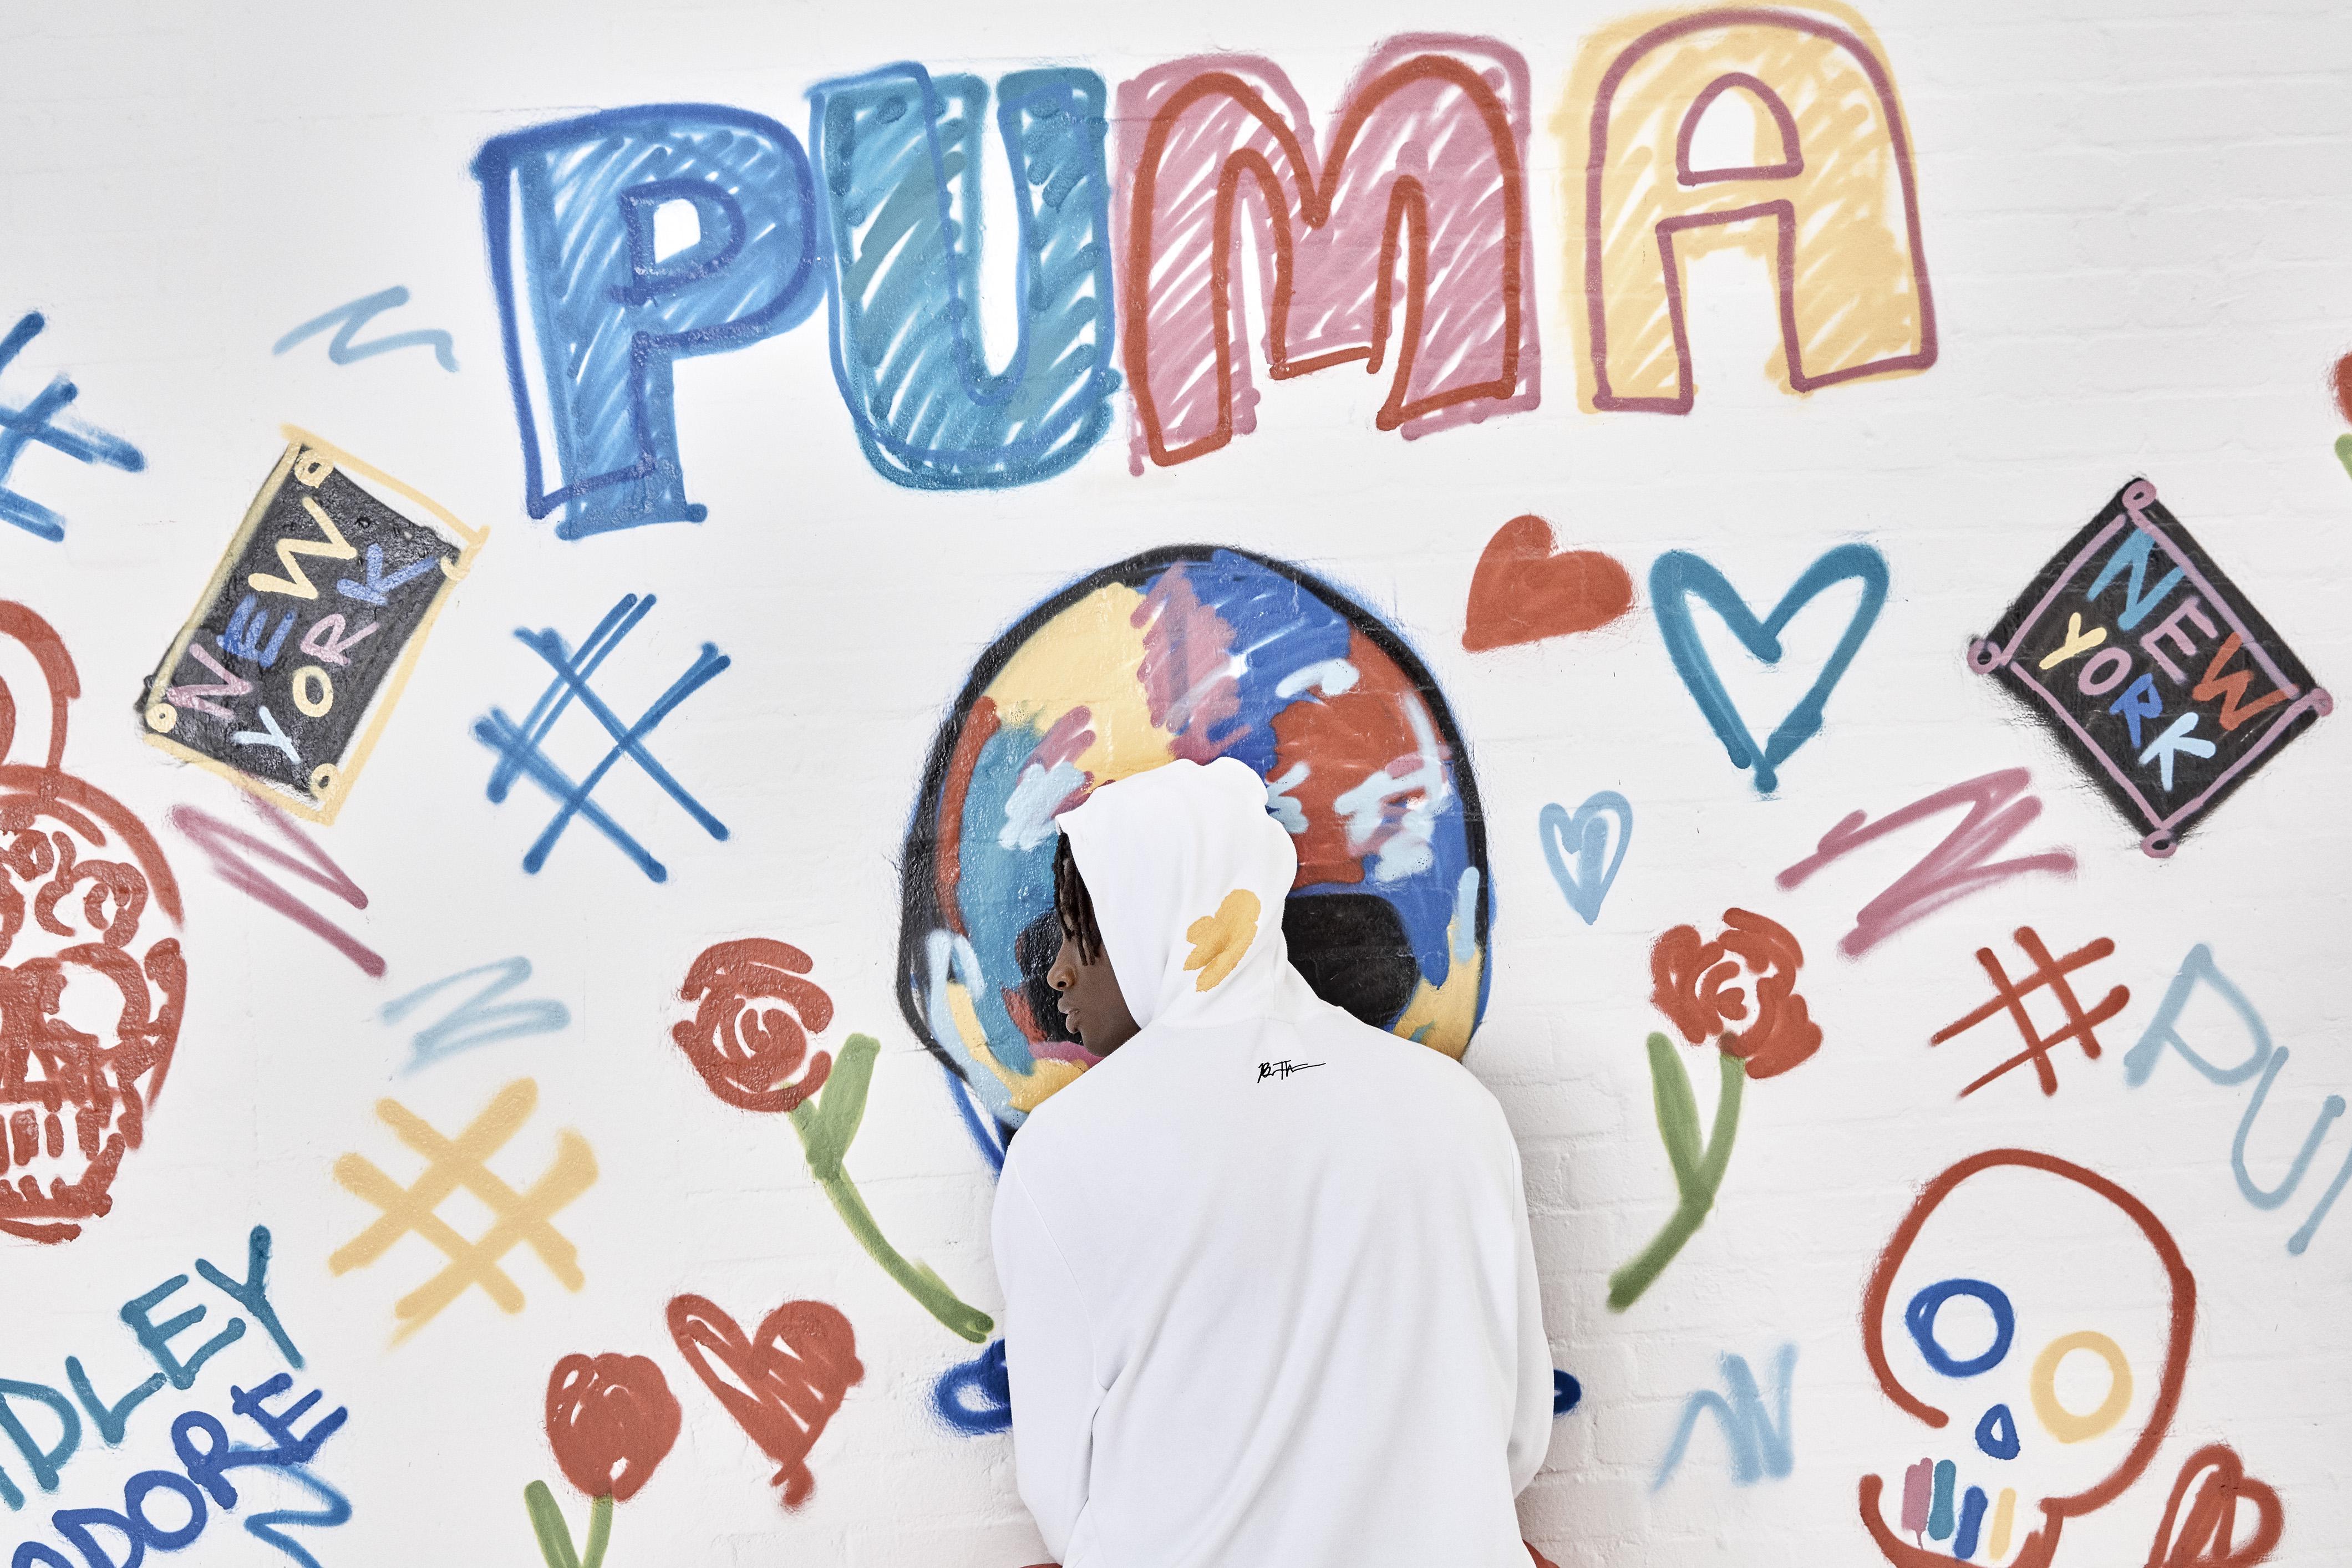 プーマ × ブラッドリー セオドア 4モデル 8枚目